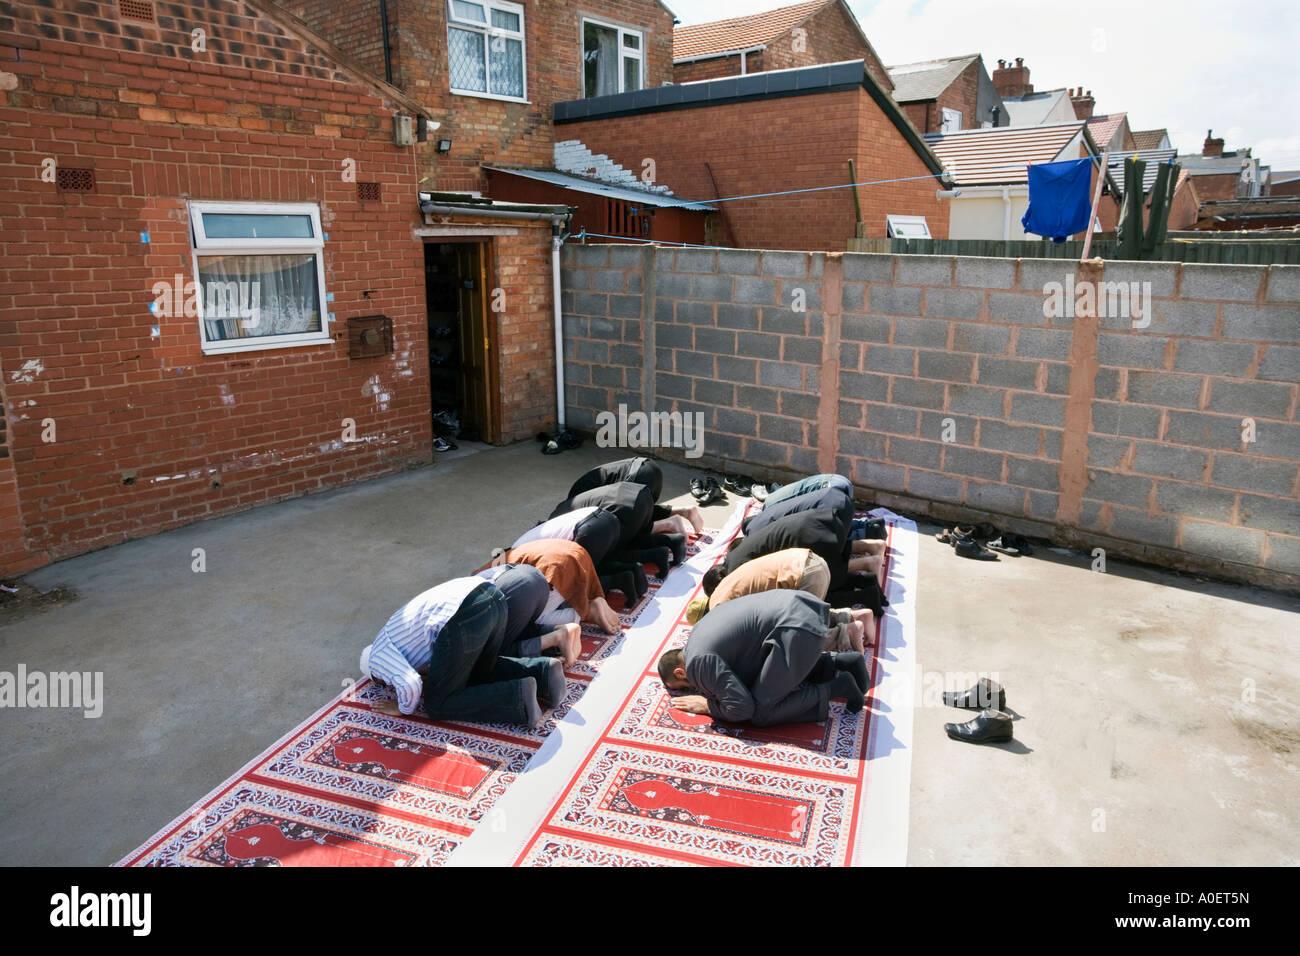 La preghiera del venerdì presso la moschea Tayyabah presso il reparto Fine zona di Birmingham REGNO UNITO Immagini Stock